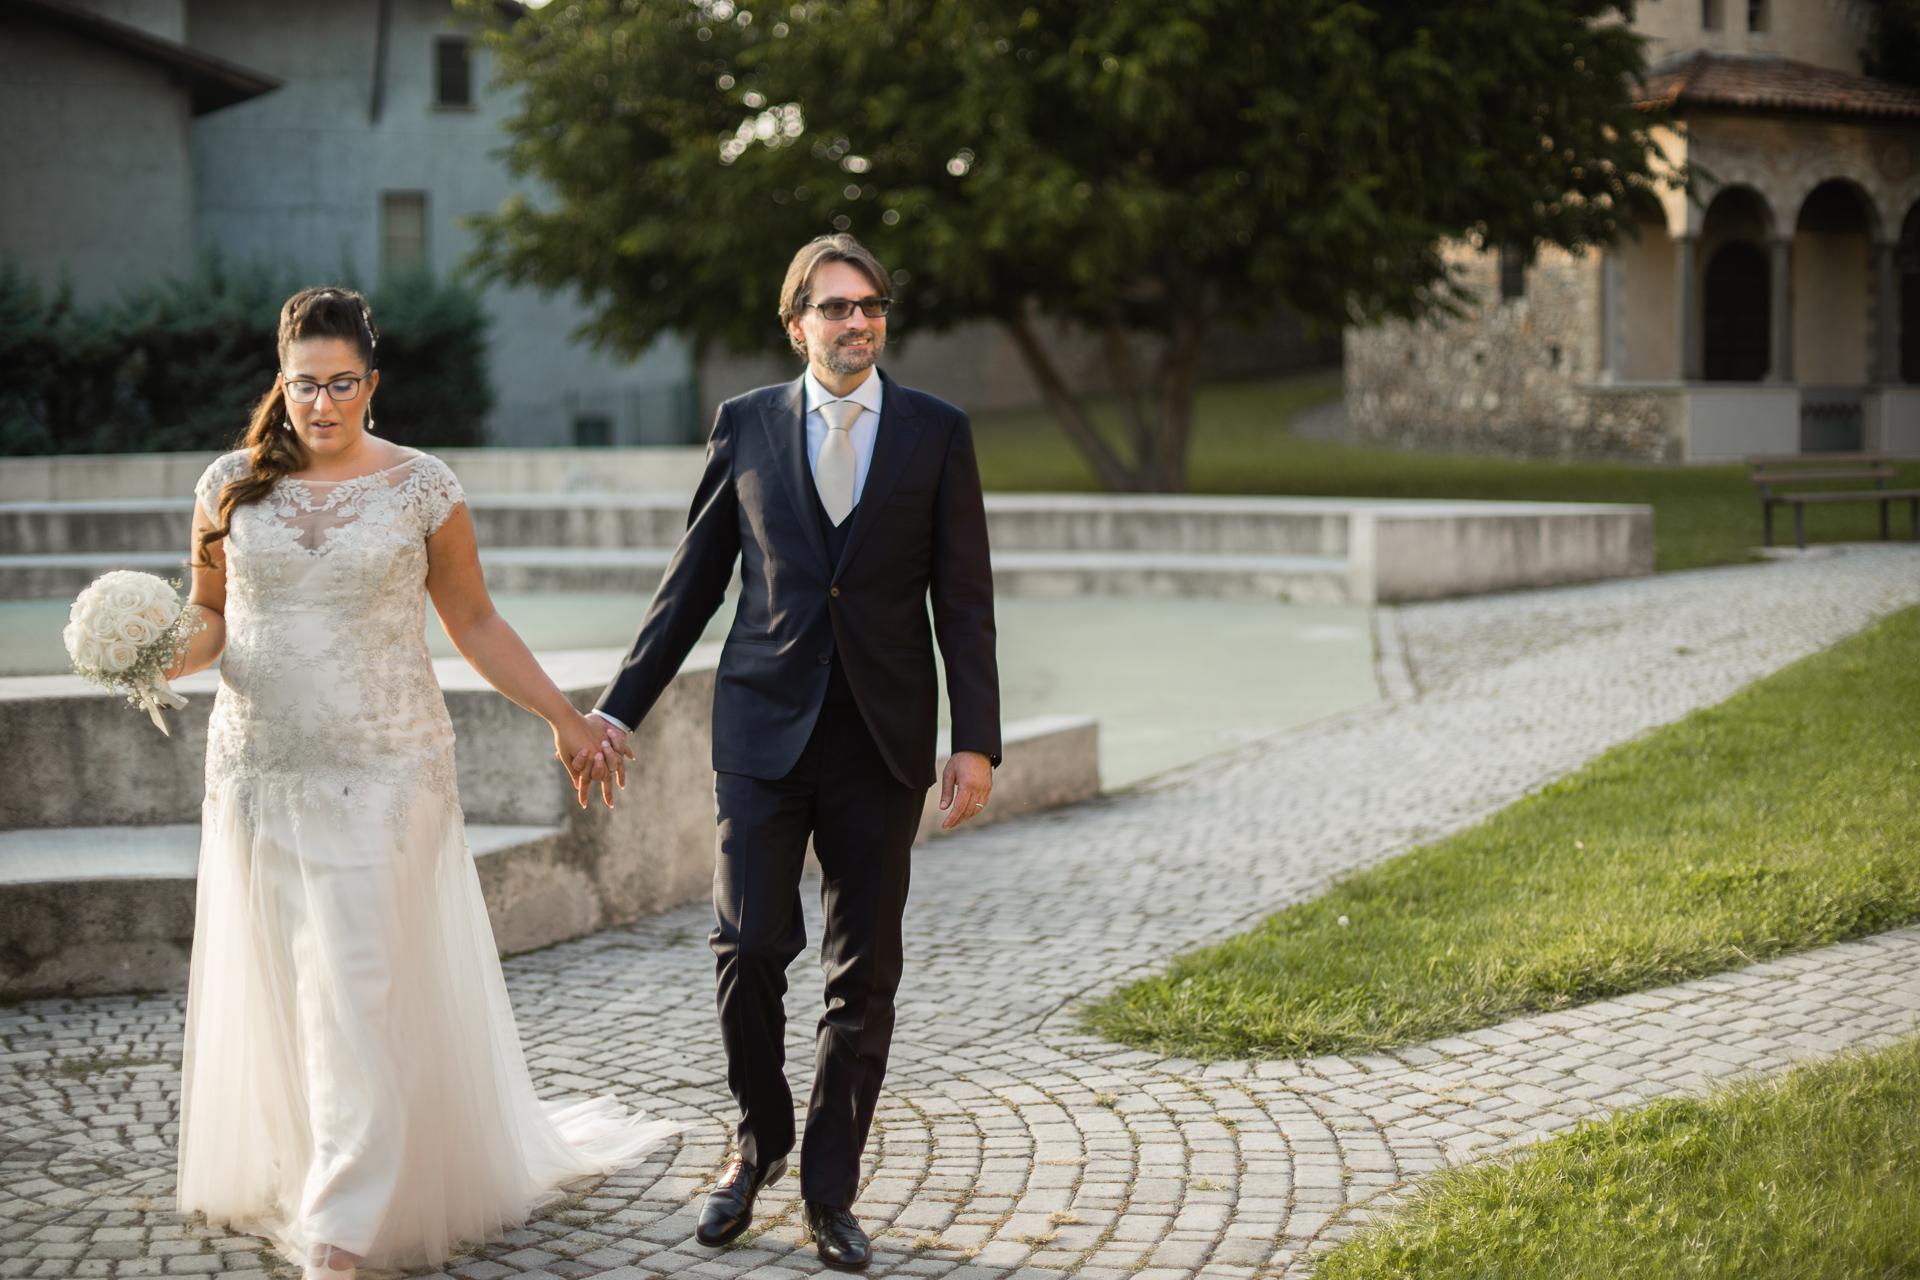 Erbusco Rathaus Elopement Paar zu Fuß - BS | Das Brautpaar spaziert vor dem Rathaus, um einige Porträts zu machen.